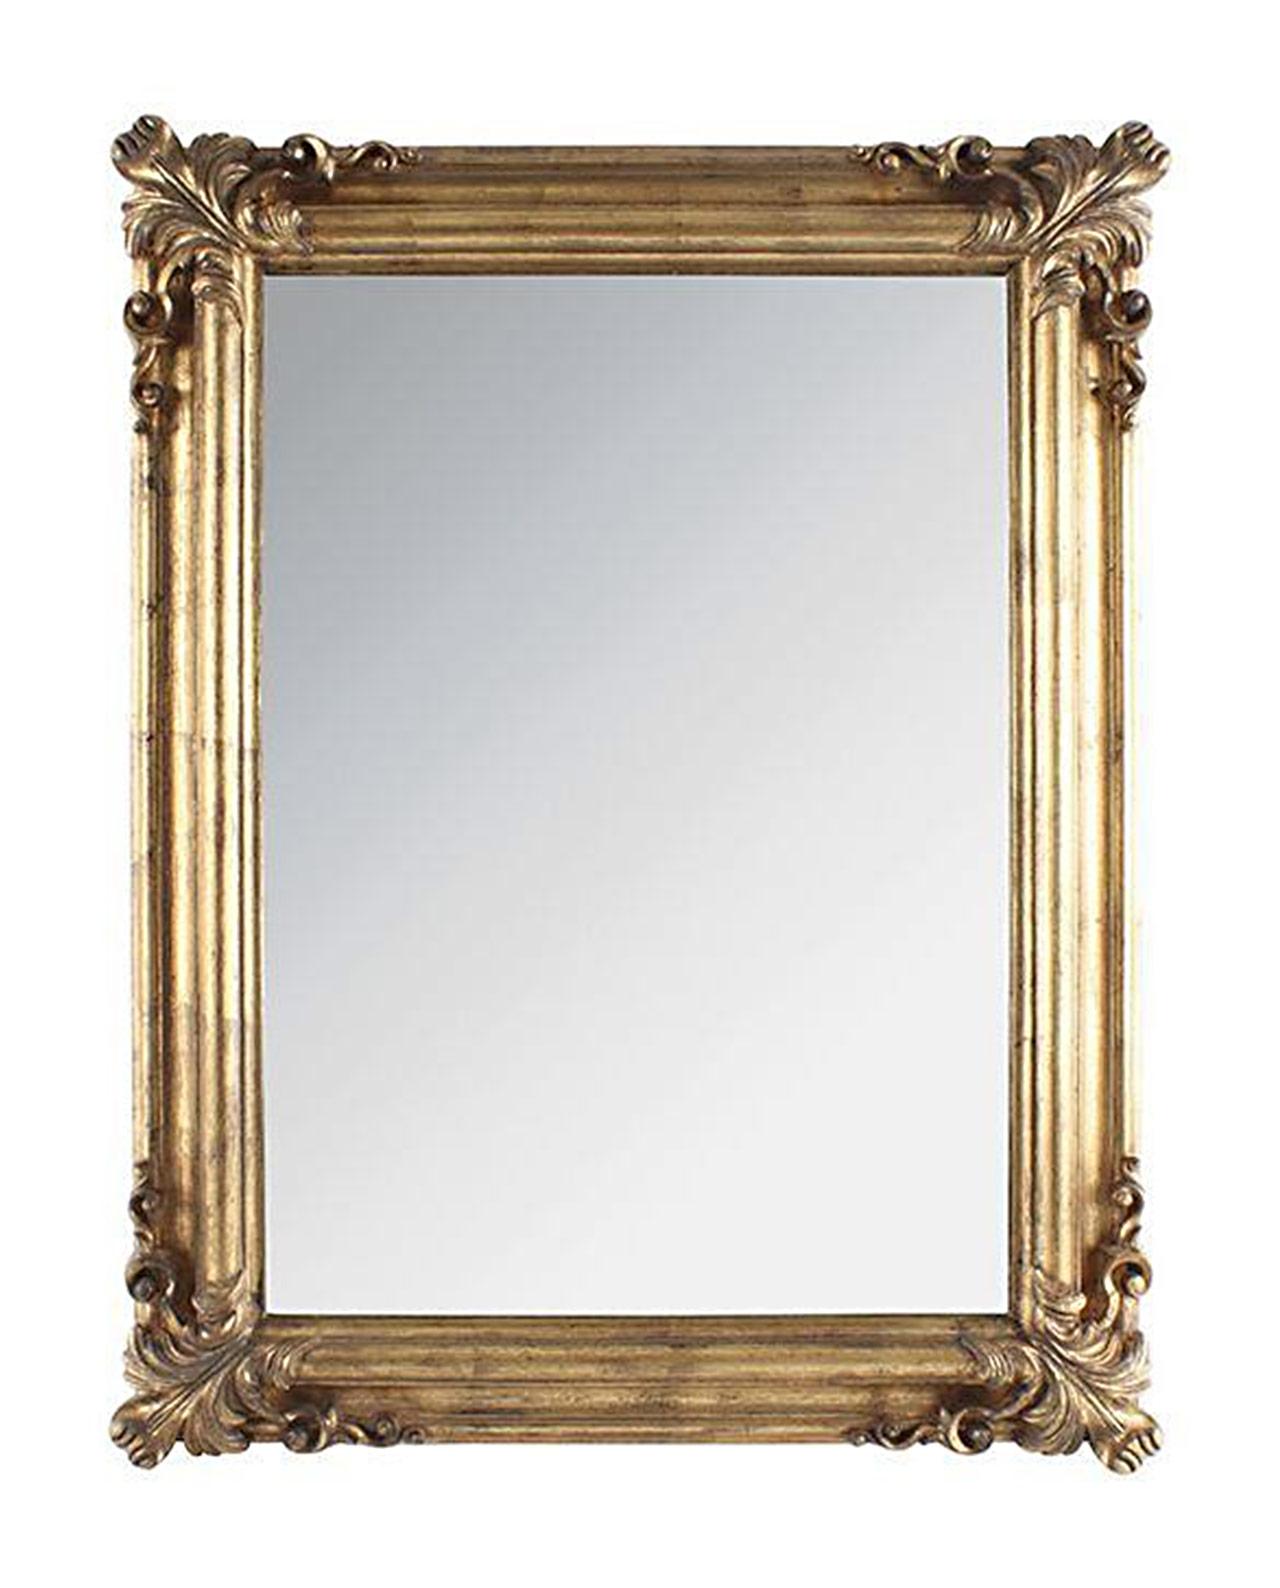 Specchio barocco dorato da parete mobilia store home - Specchio cornice nera barocca ...